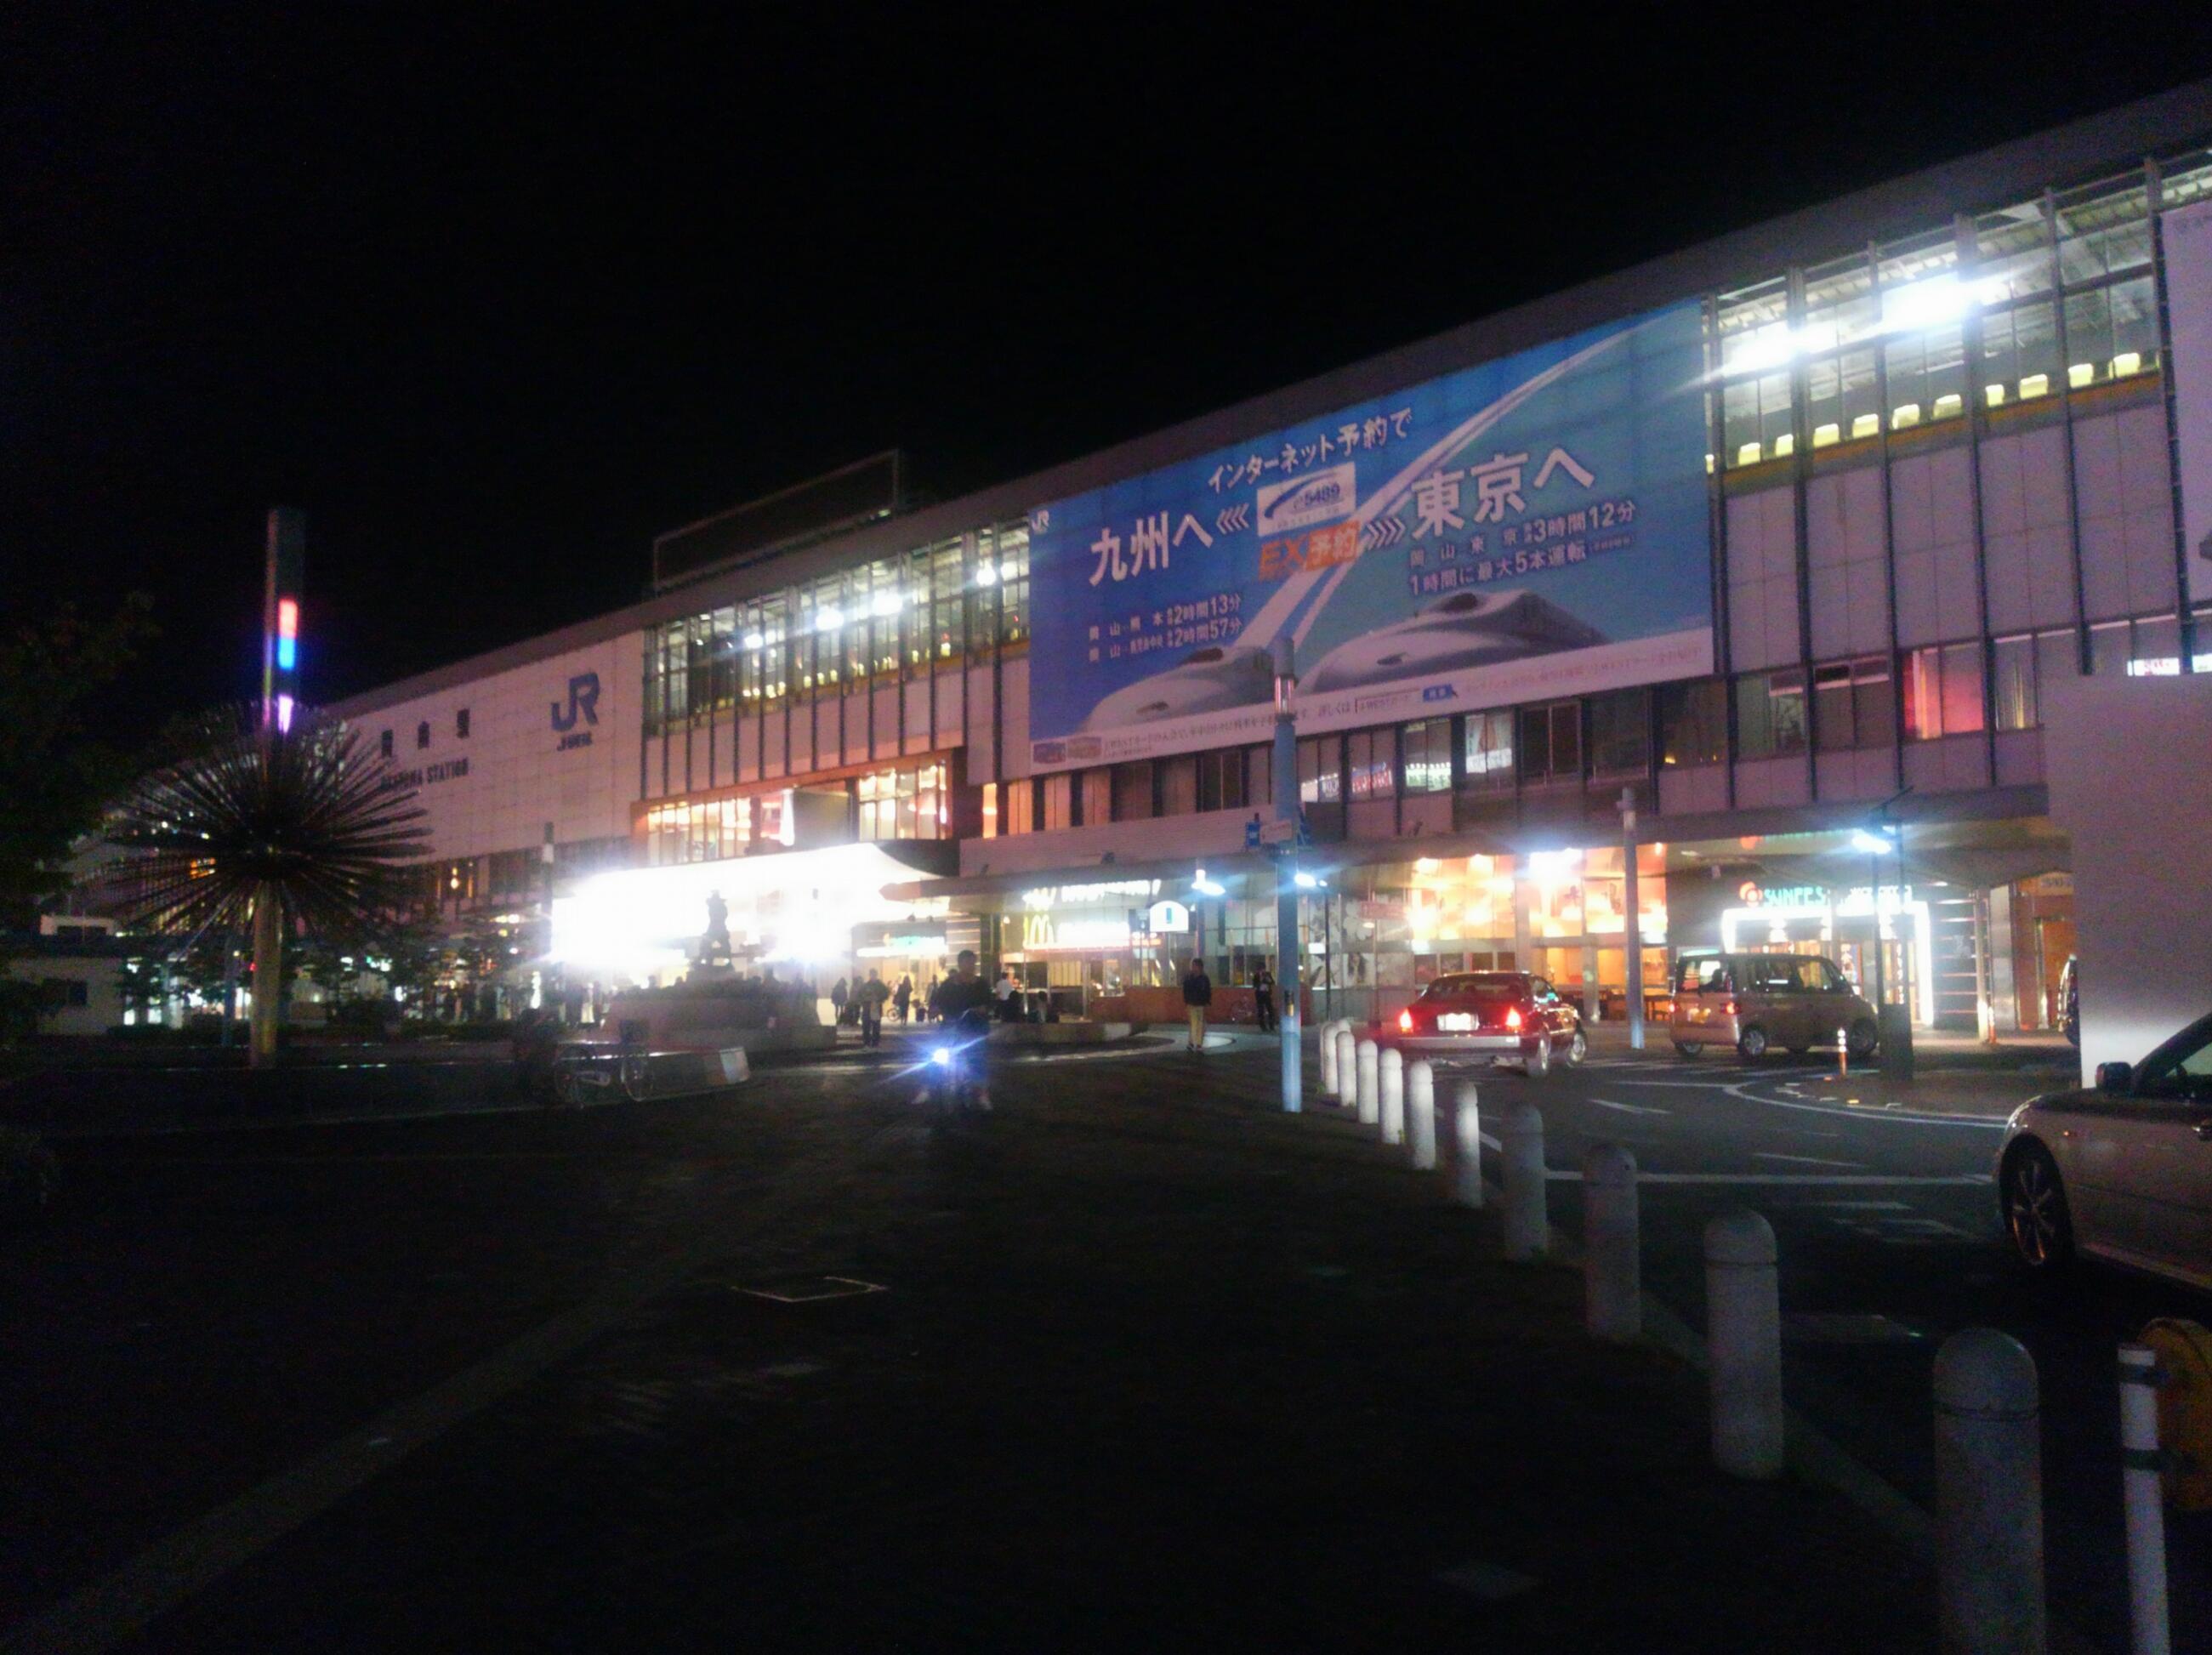 ヨルノオカヤマエキ